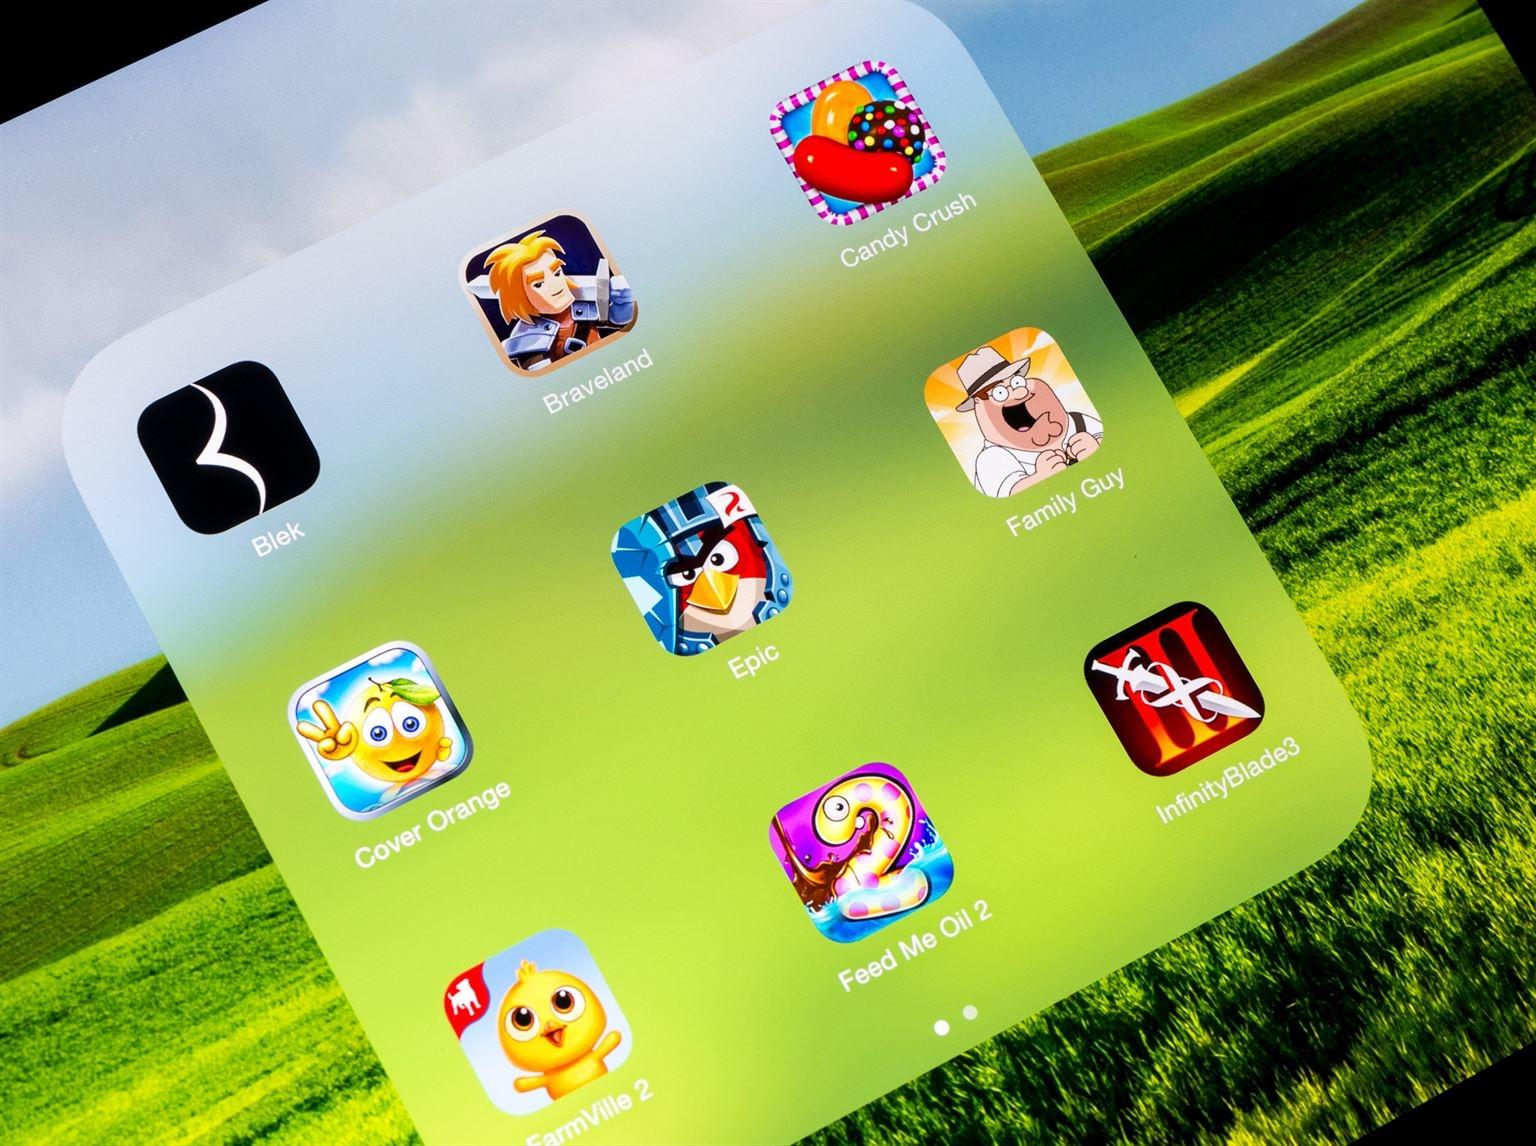 Jeux Sur Tablette: 64 Choix Pour Enfants | Protégez-Vous.ca encequiconcerne Jeux Instructif Gratuit 5 Ans